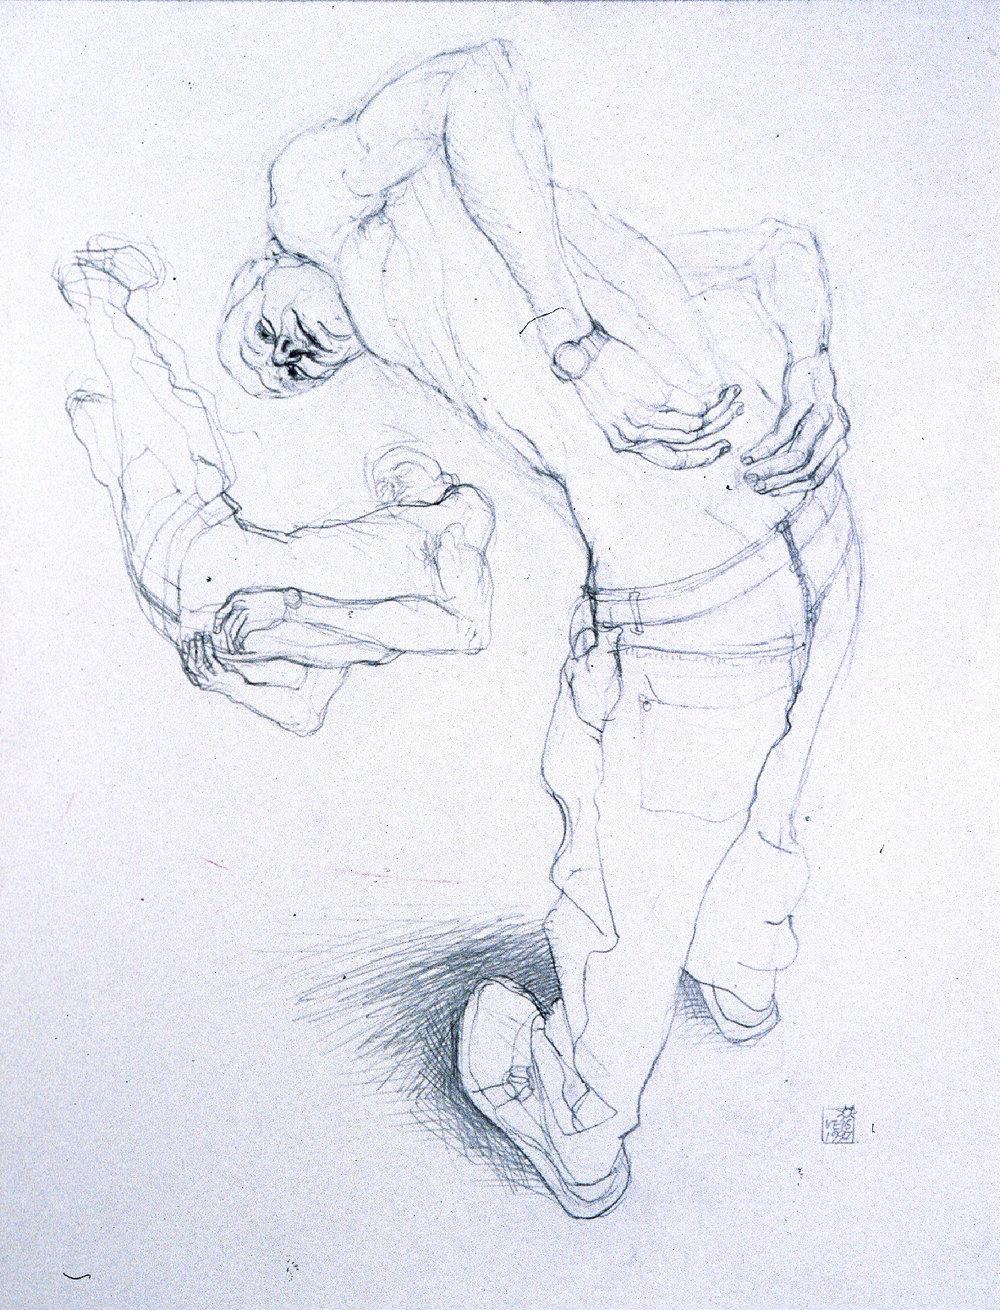 Hovering I, 1997